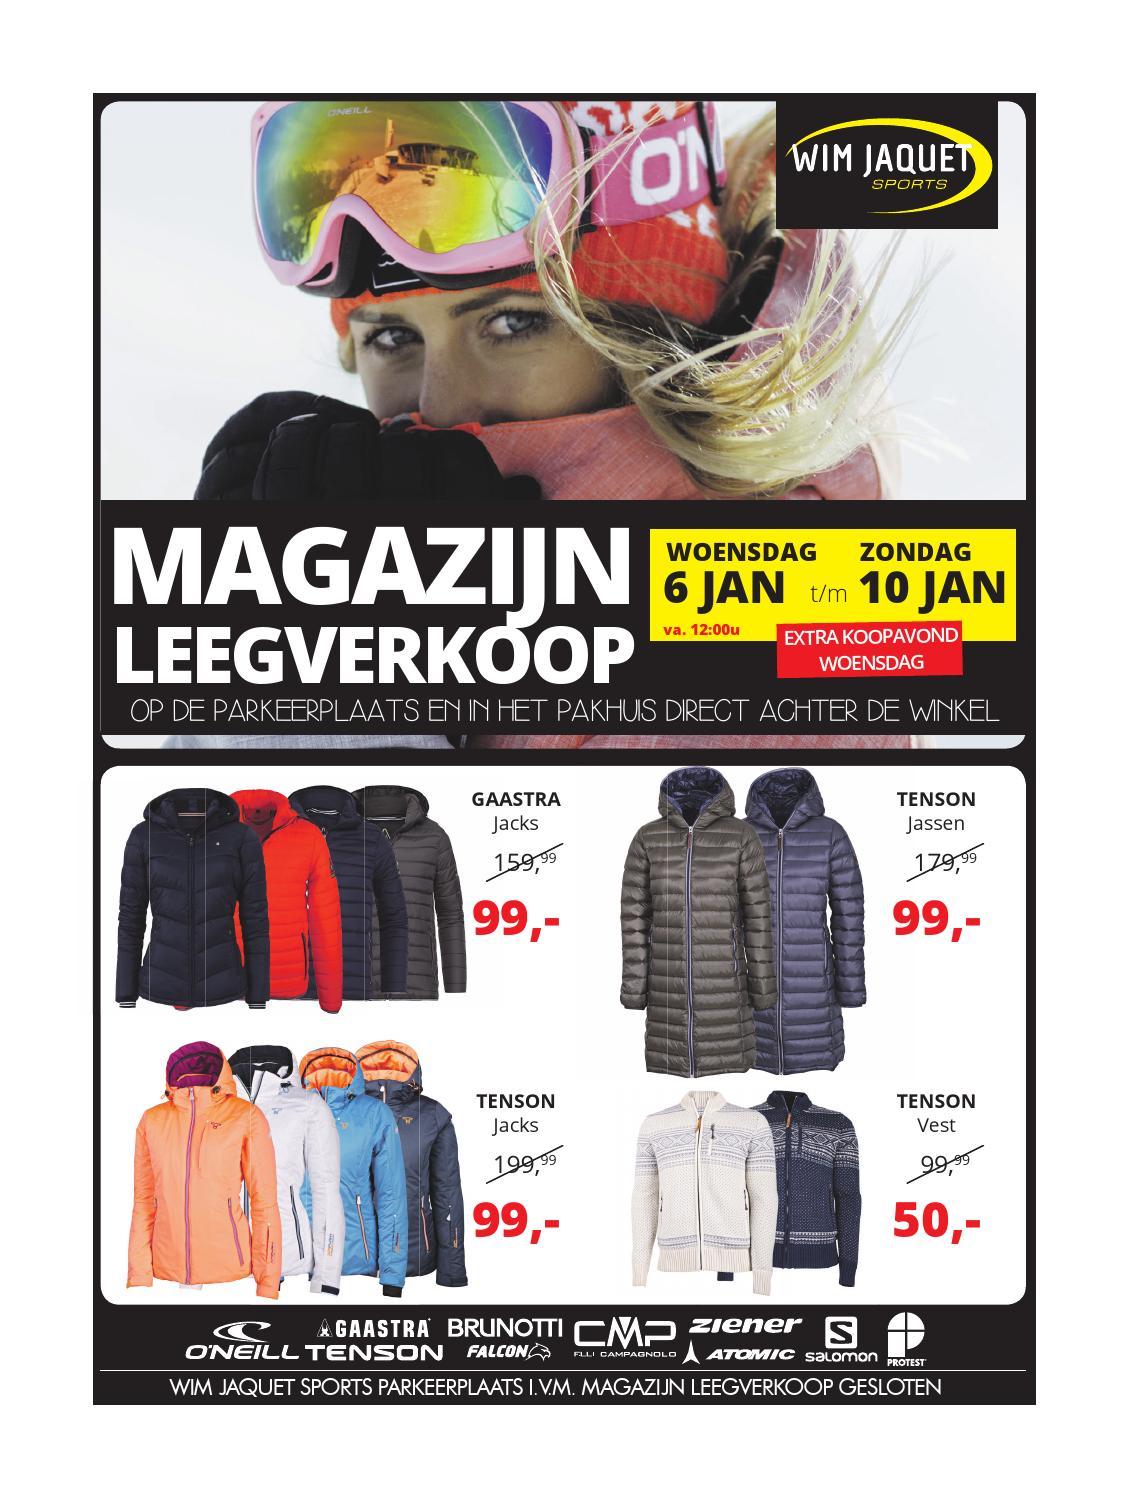 Magazijn leegverkoop by intersport daka amersfoort issuu for Koopavond amersfoort